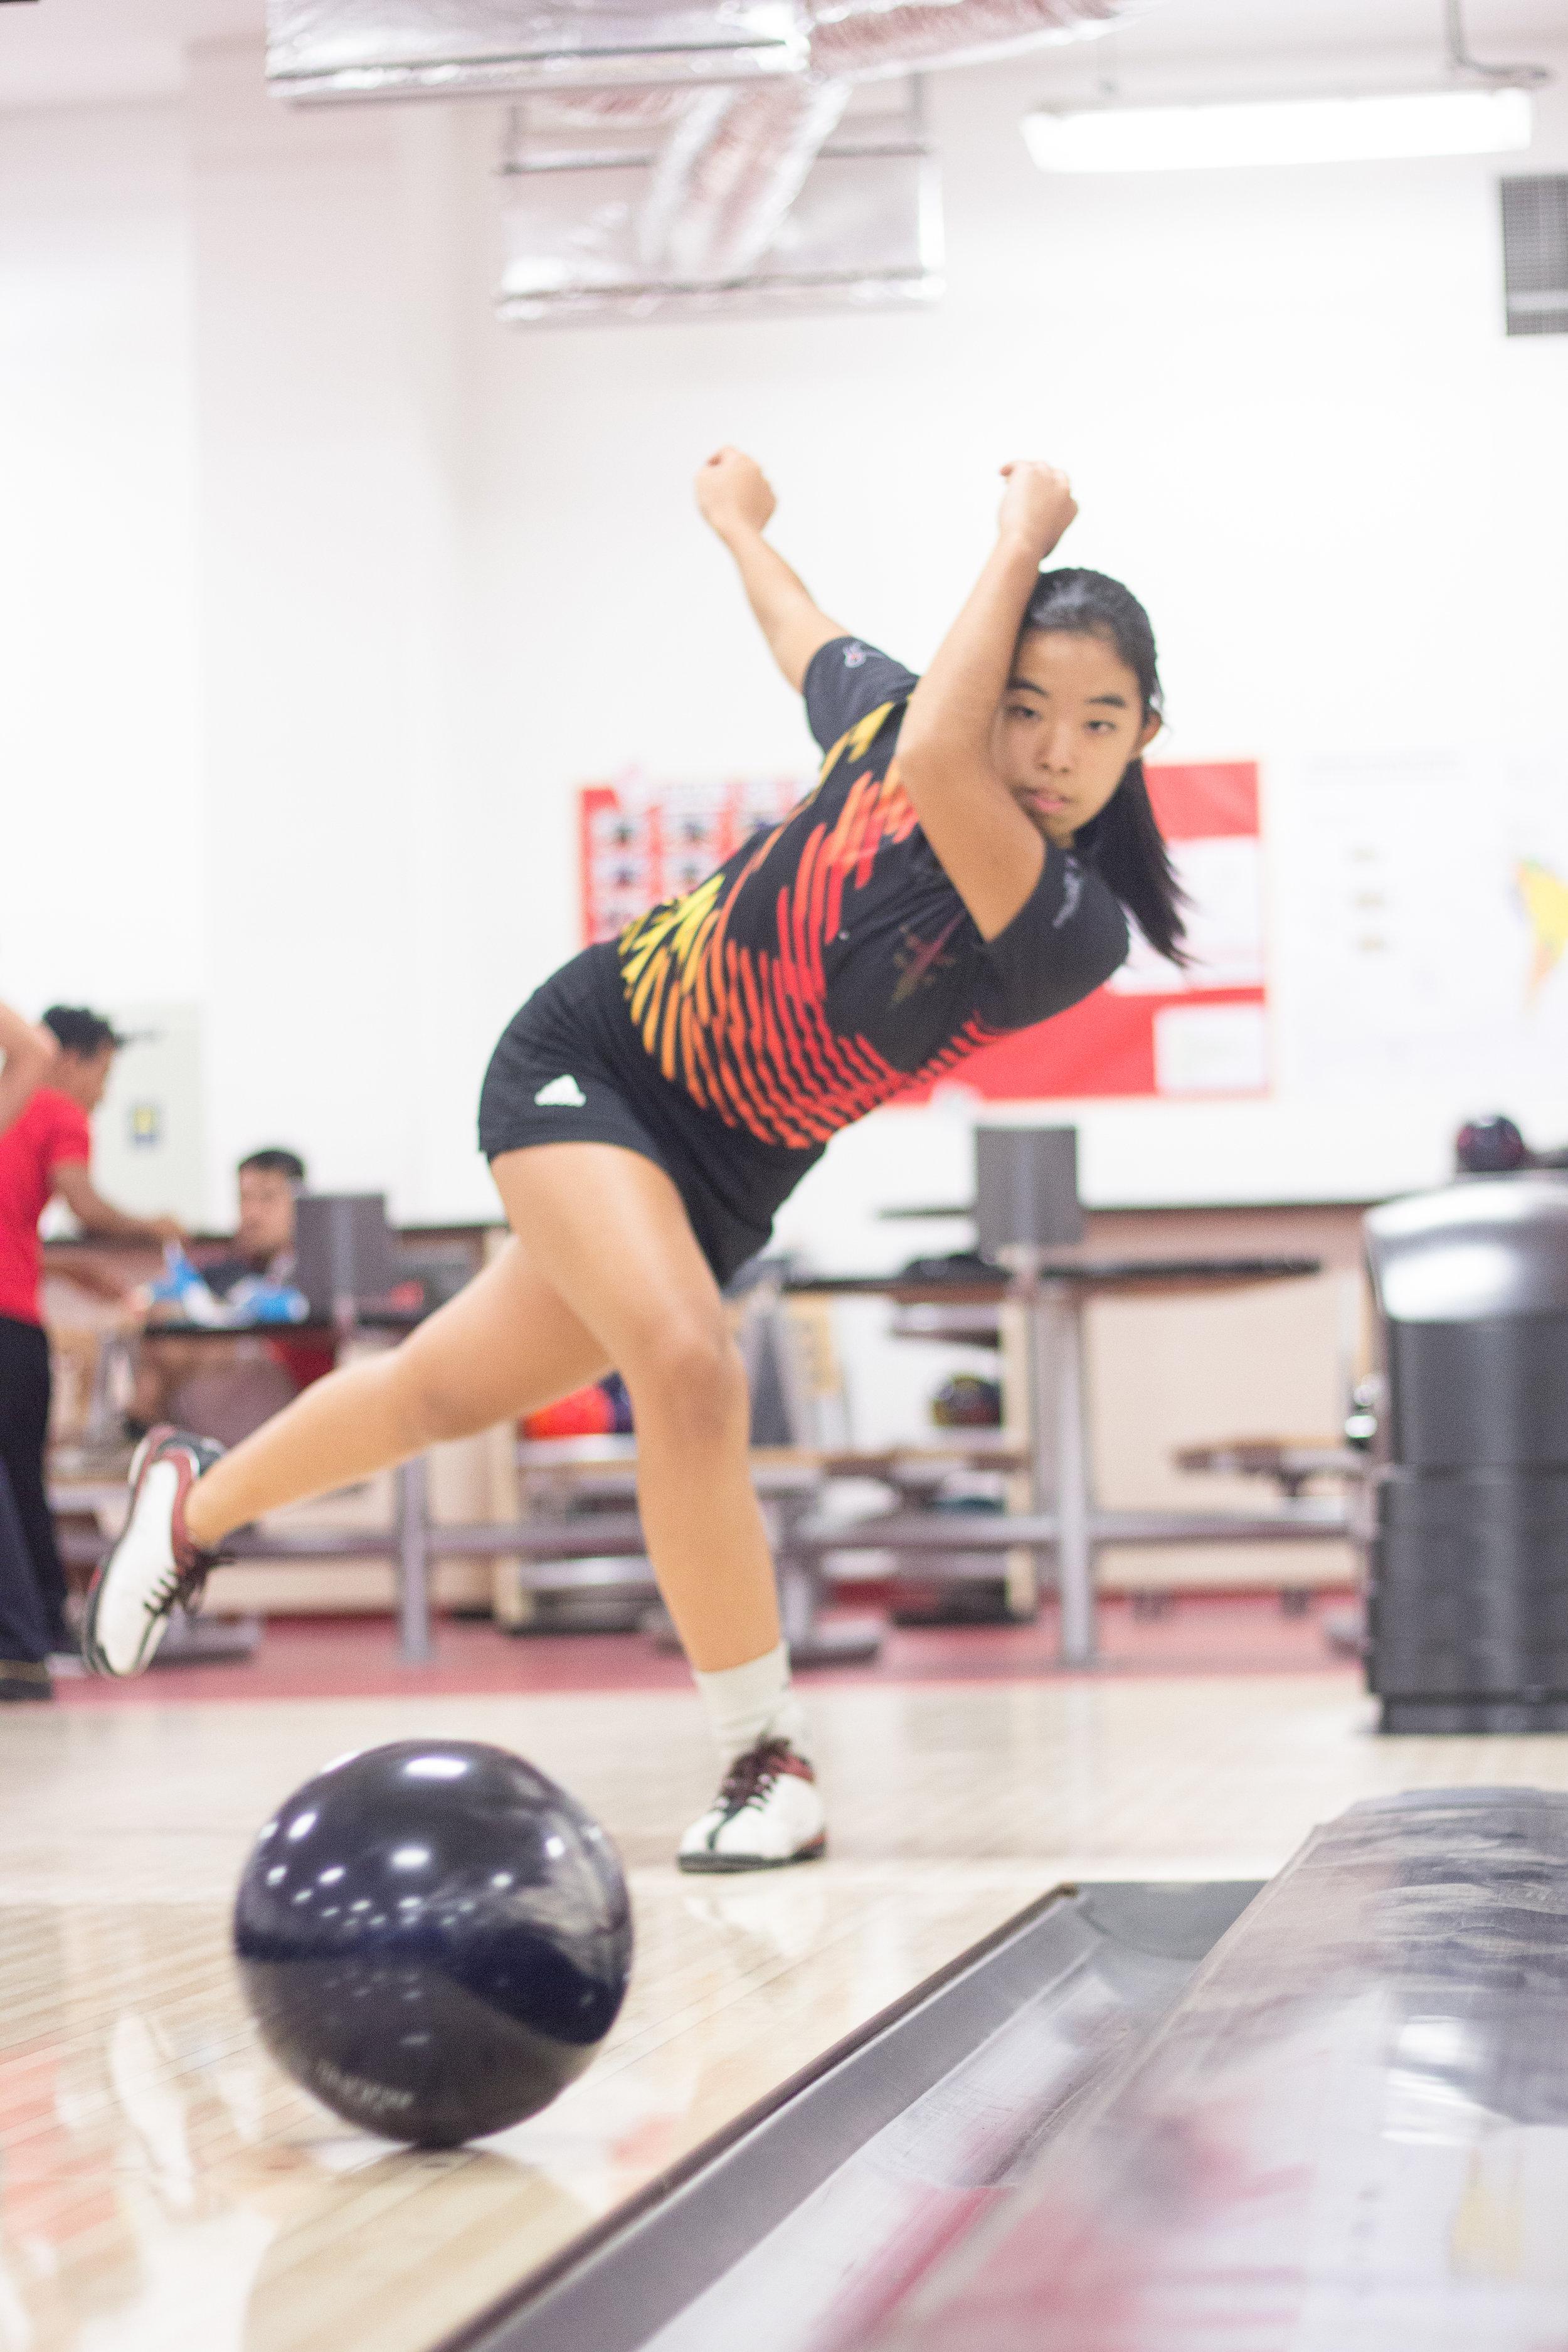 Nuestra misión - Promoción, difusión y desarrollo del bowling peruano a nivel nacional e internacional.Formación de mejores personas a través del bowling.